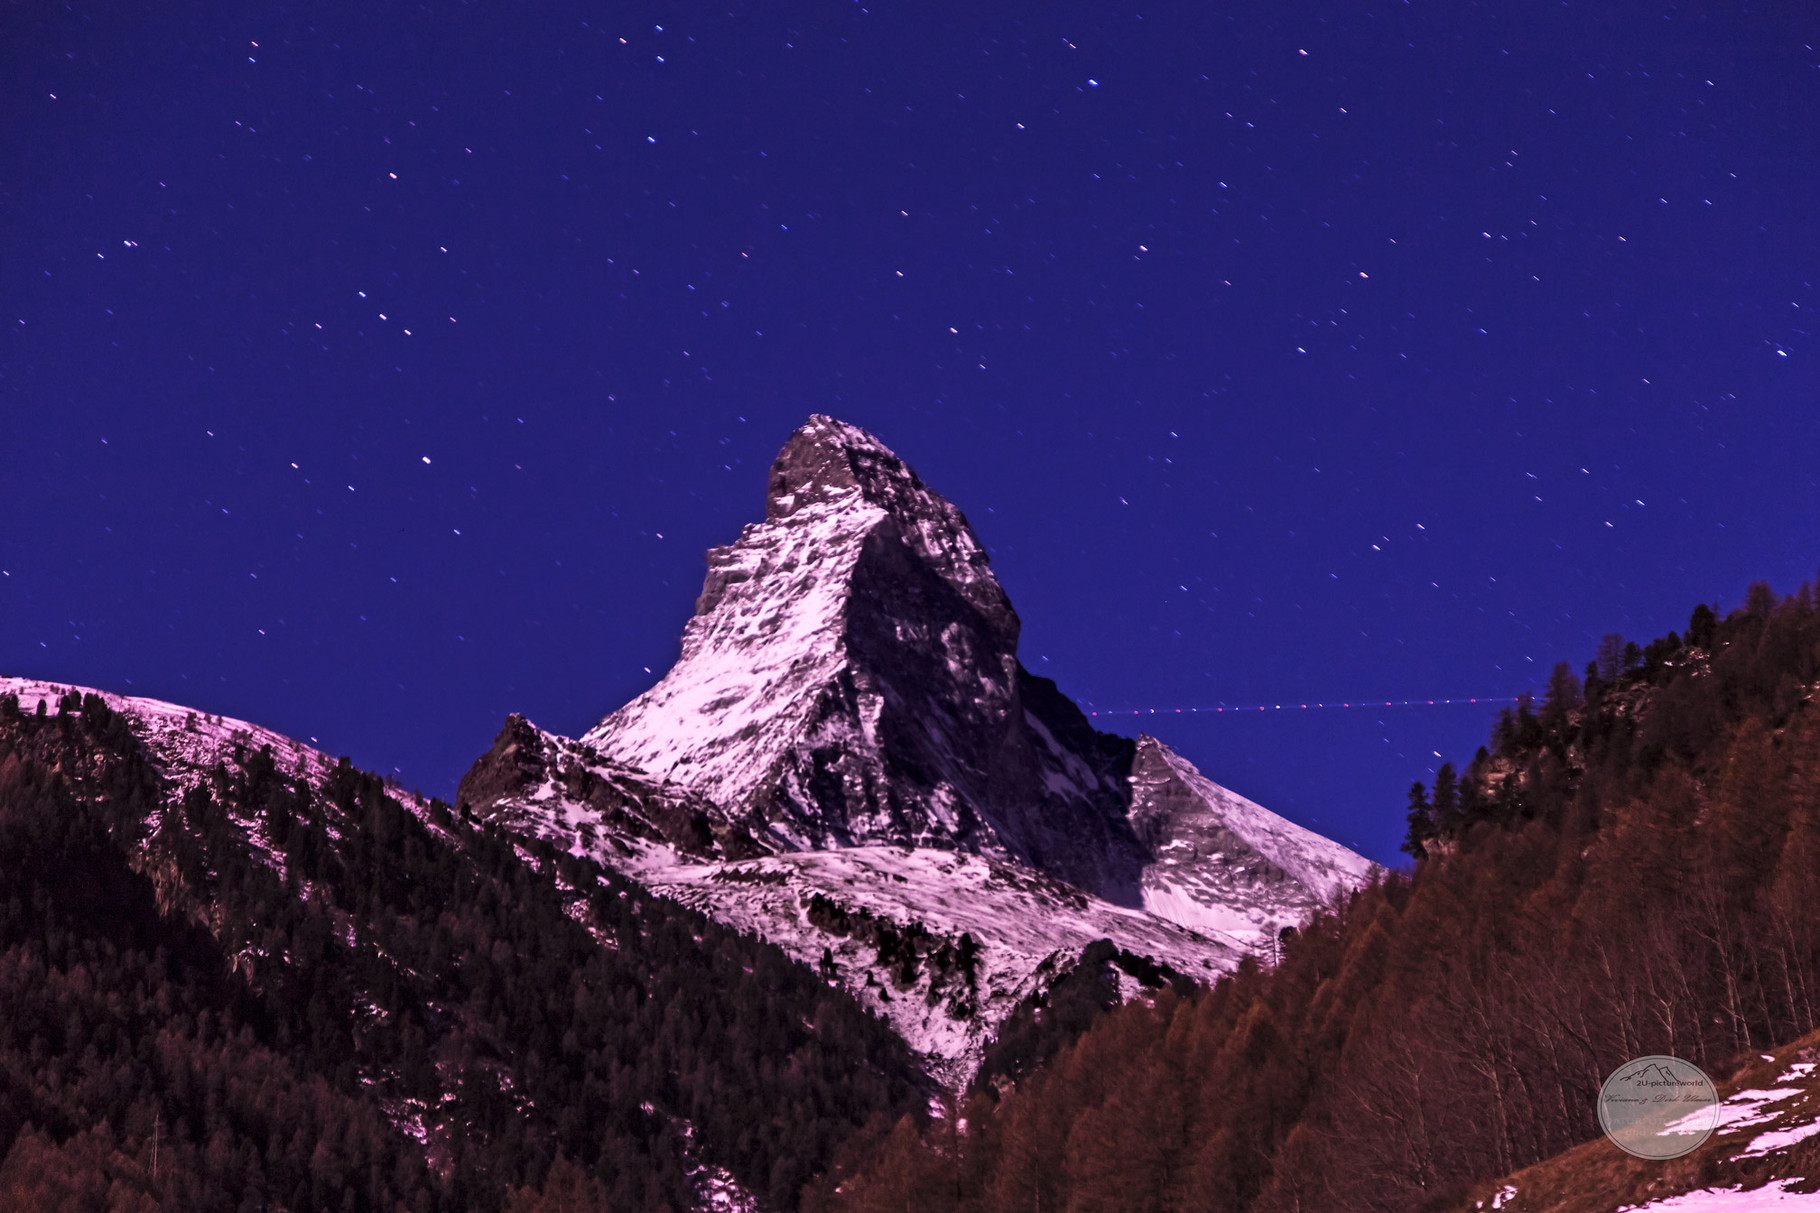 """Bild: Matterhorn bei Nacht, Zermatt, Schweiz, """"Sternenkette"""", www.2u-pictureworld.de"""